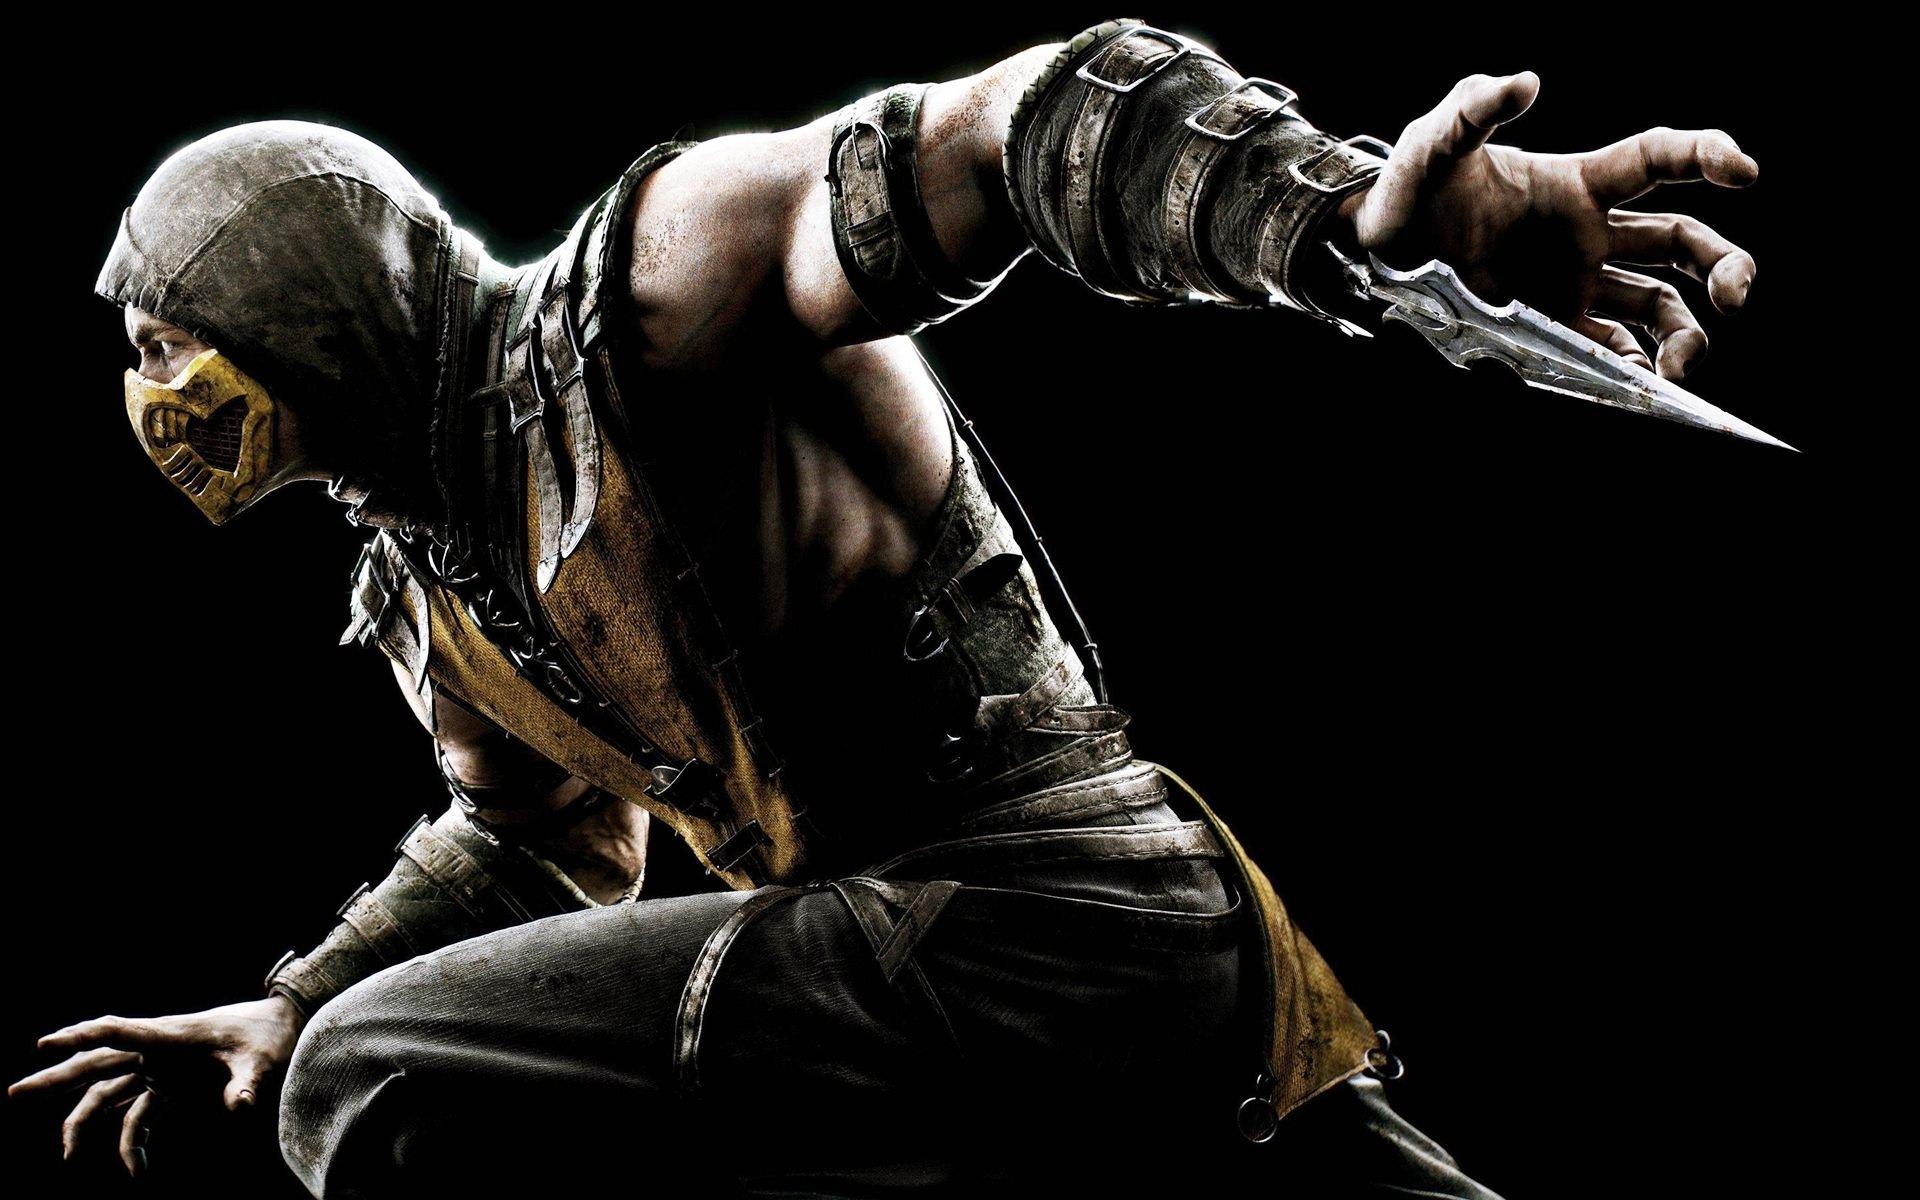 Официально: Mortal Kombat X на PS3 и Xbox 360 не отменен - Изображение 1